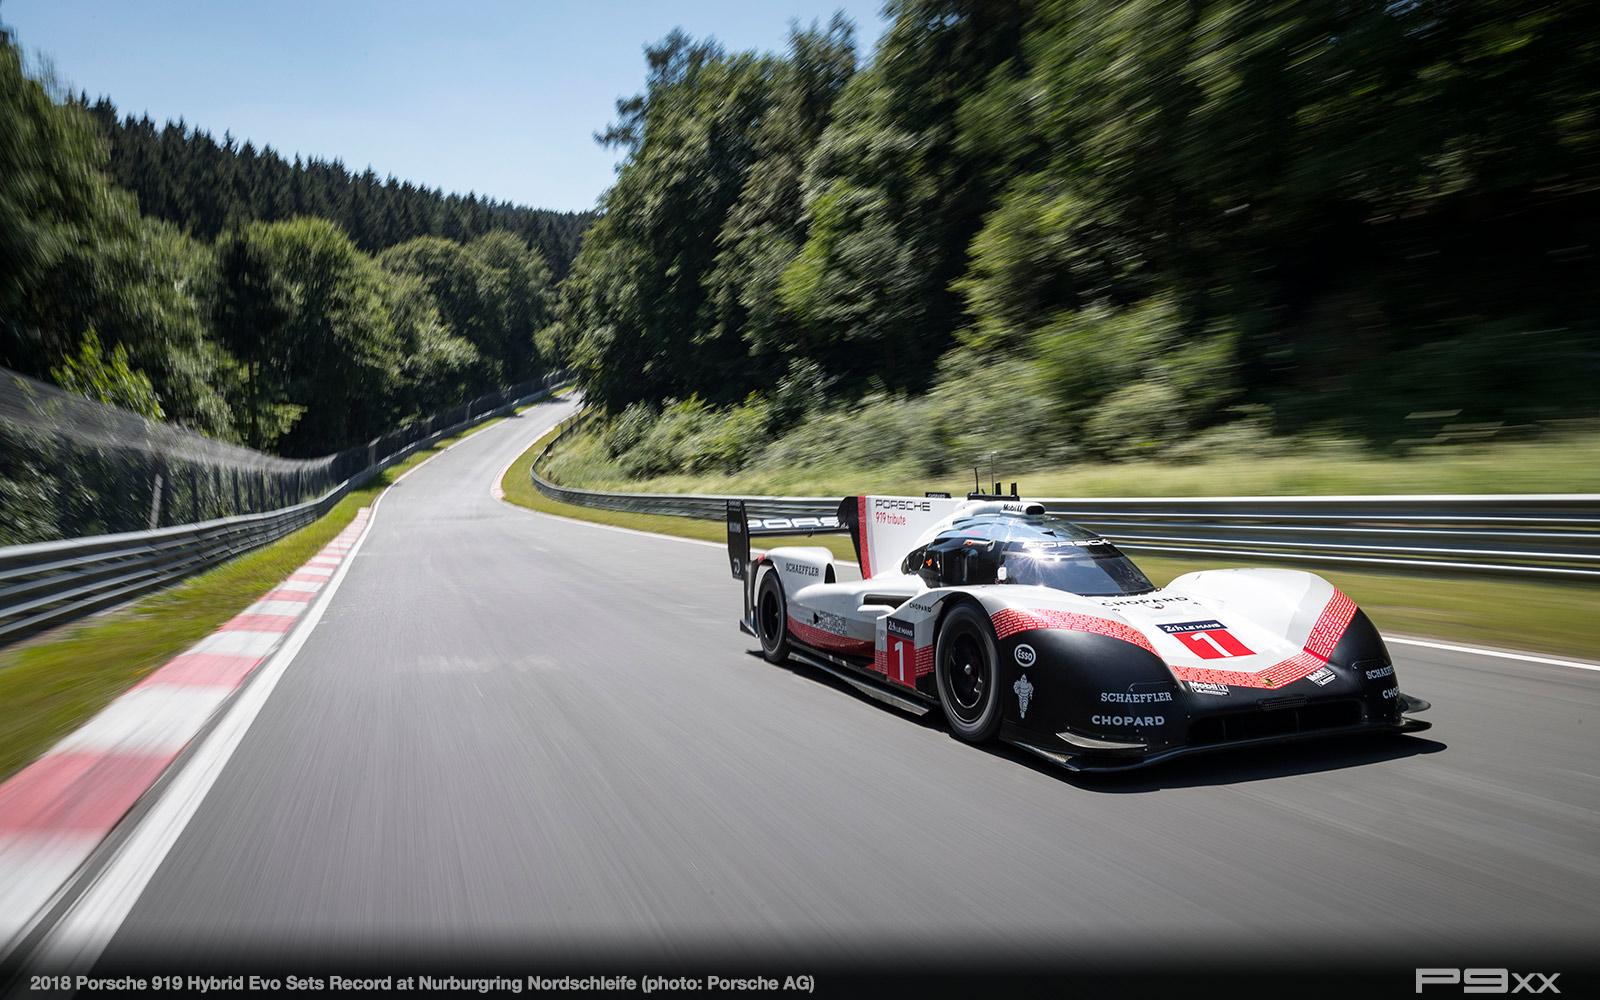 2018-Porsche-919-Evo-Nurburgring-Record-321